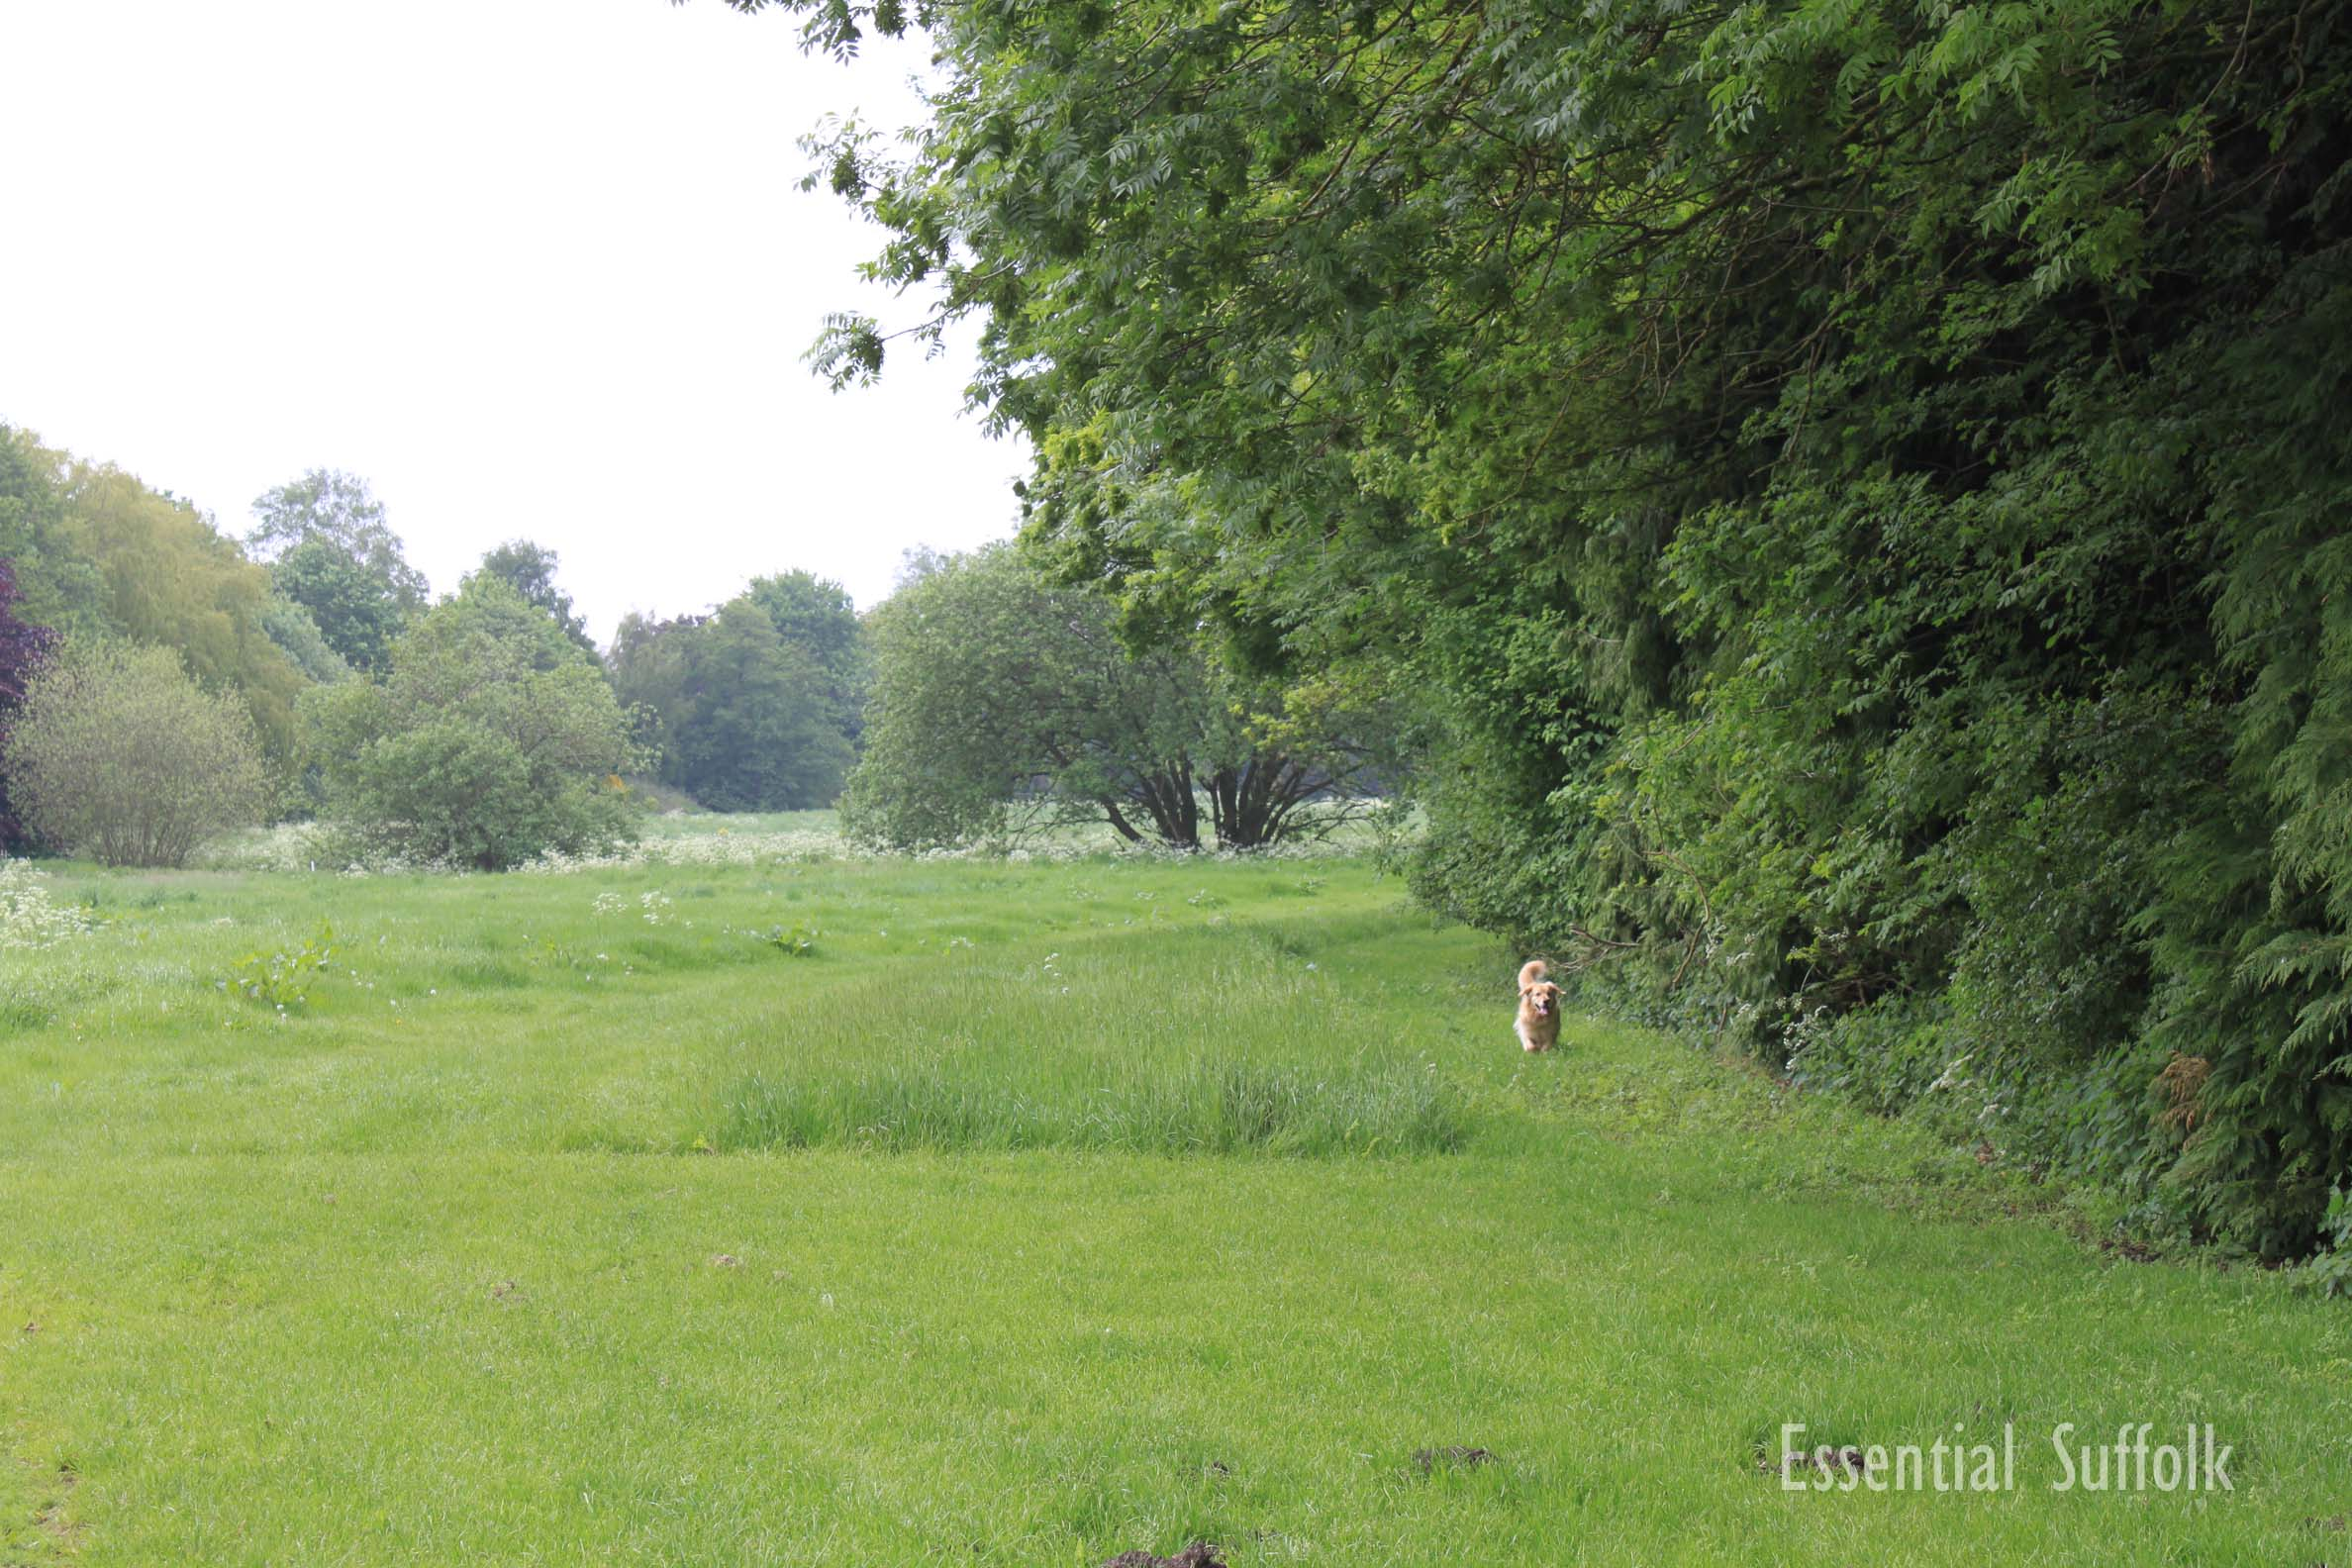 Pettistree Dog Walk02.jpg